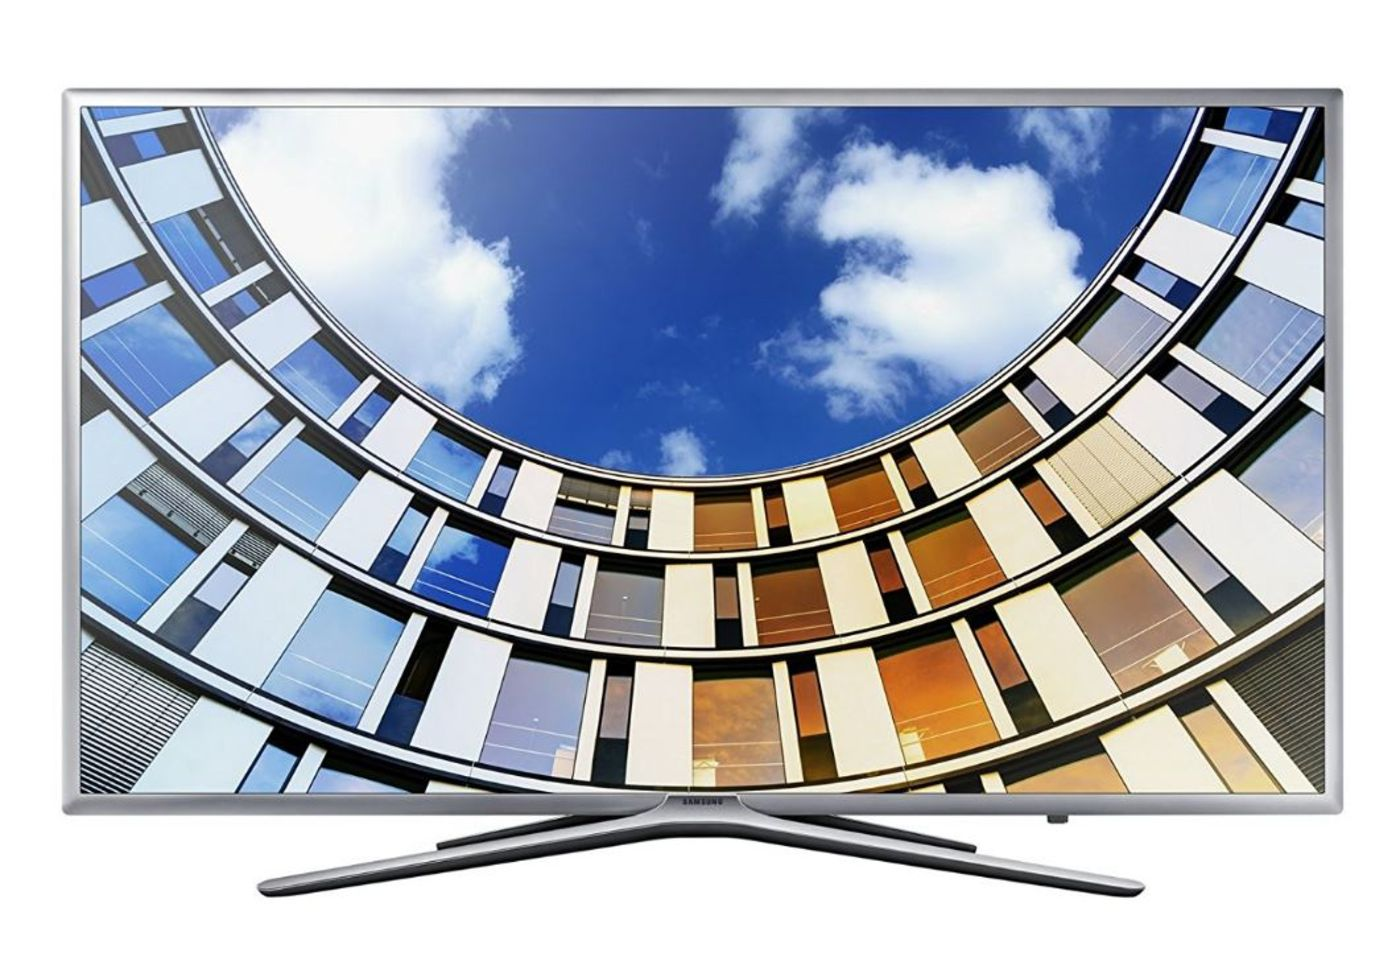 Fernseher Unter 500 Euro